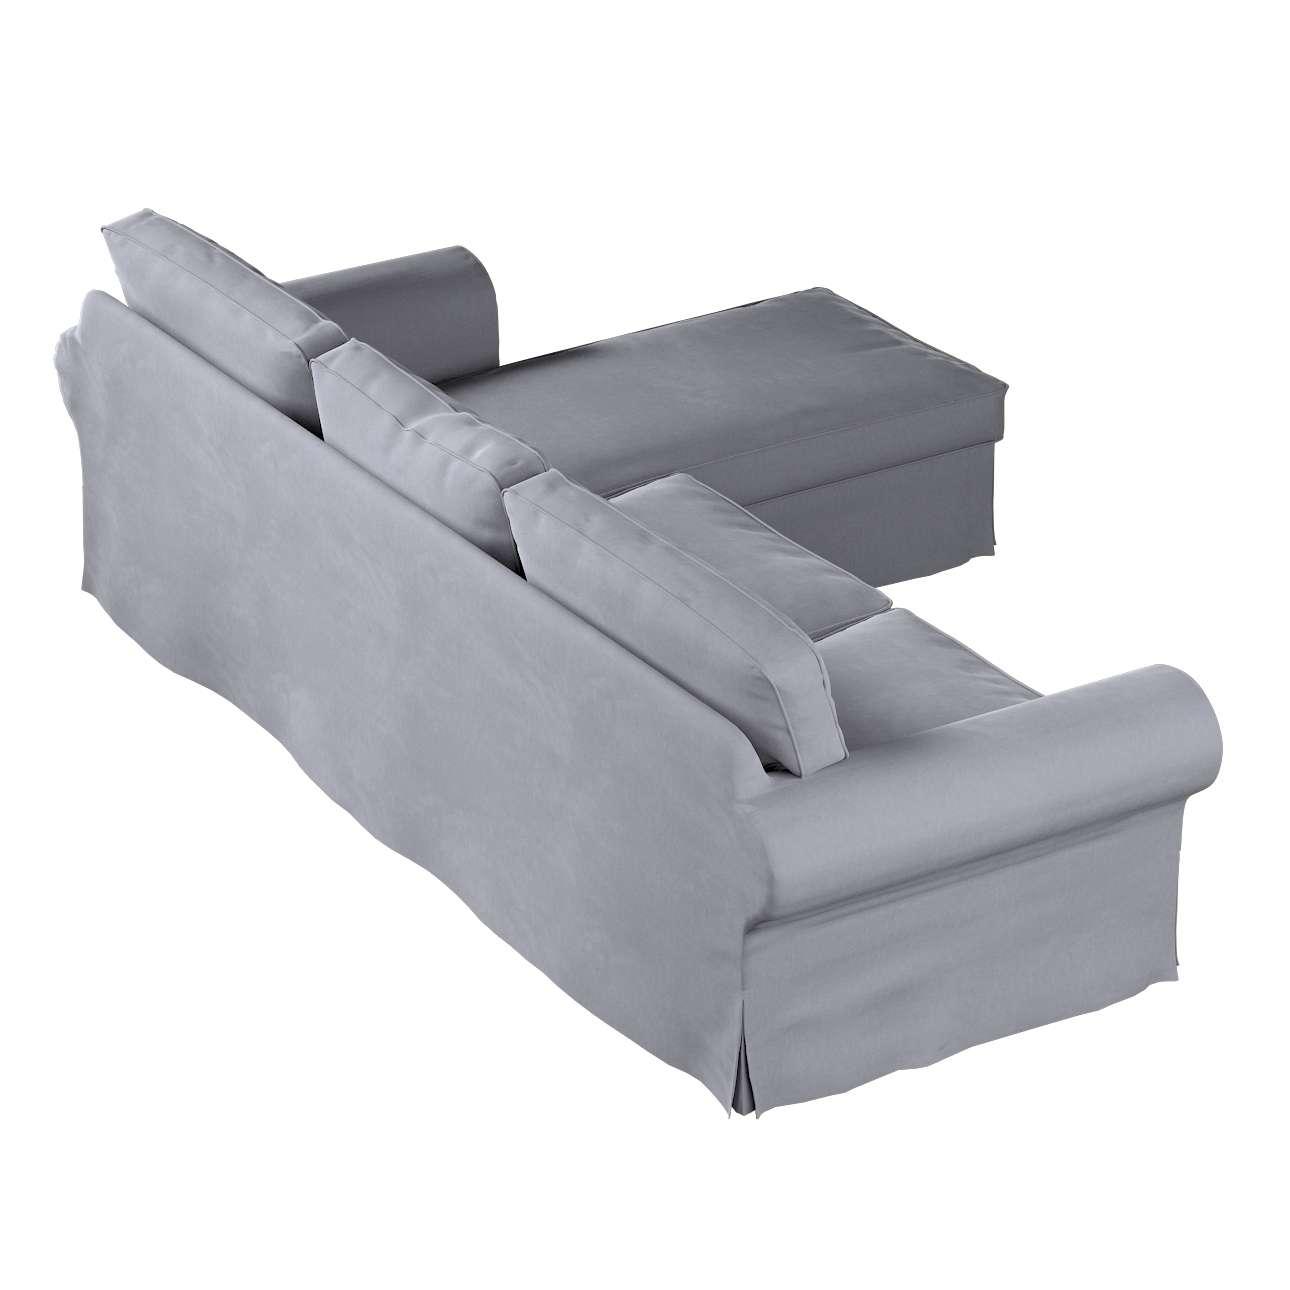 Pokrowiec na sofę Ektorp 2-osobową i leżankę w kolekcji Velvet, tkanina: 704-24